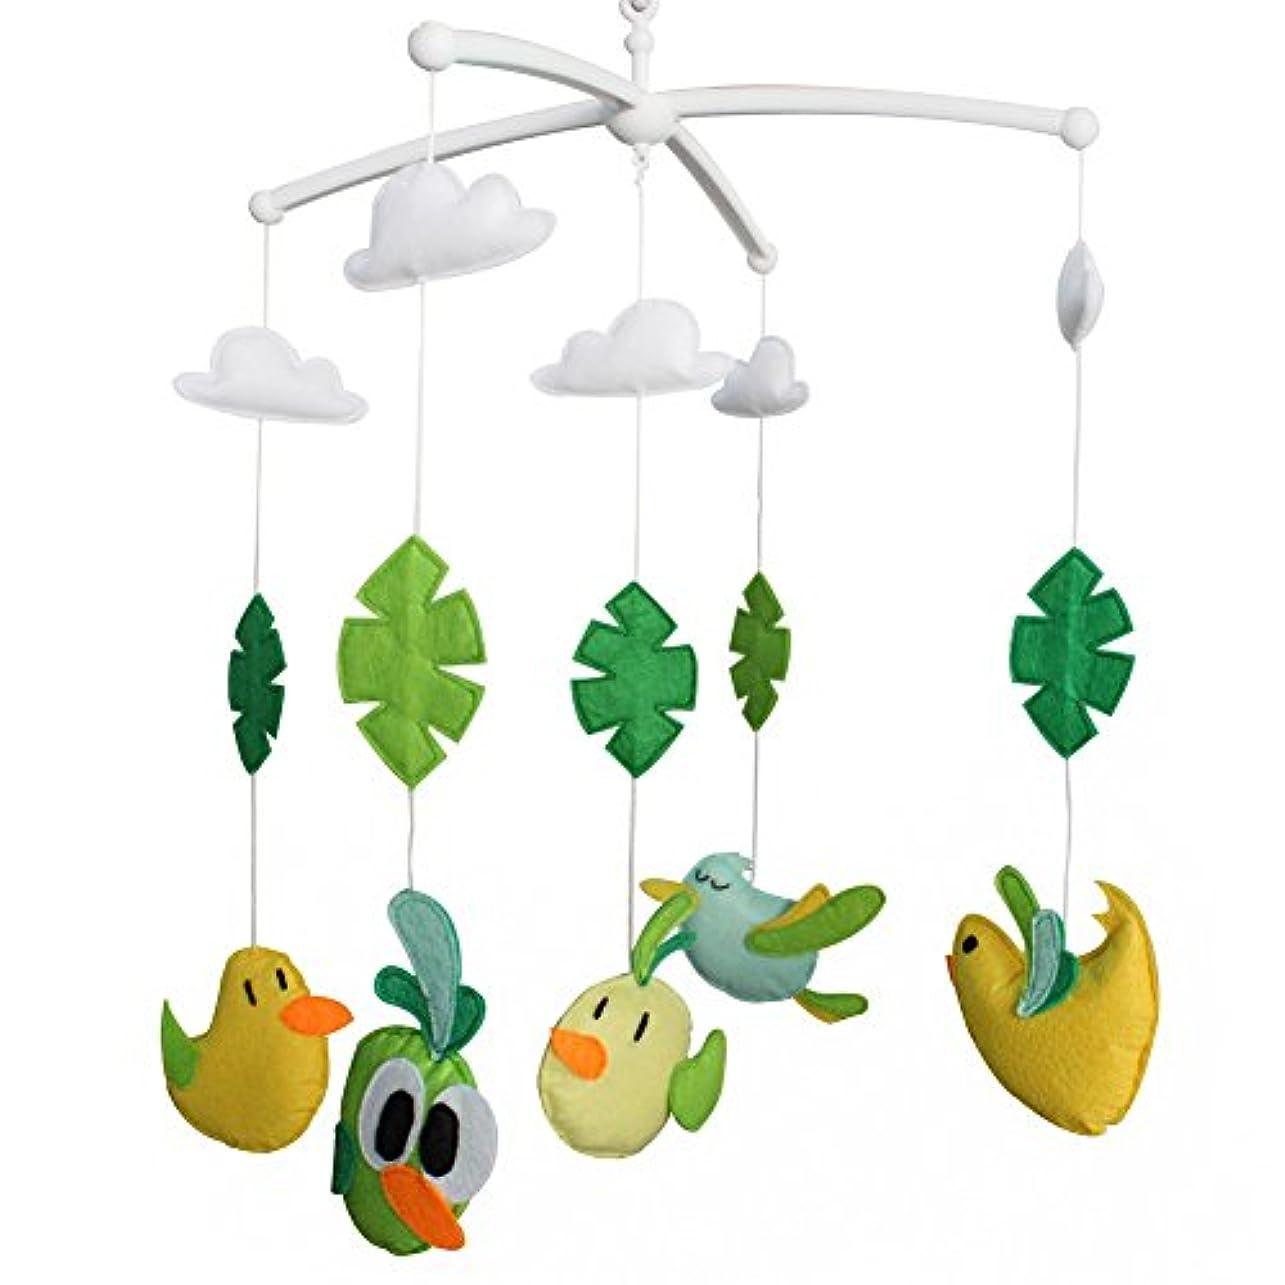 ジレンマ勤勉な勤勉な[Funny Bird]教育用ベビーベビーベッドおもちゃアタッチメント保育園の装飾ミュージカルベビーベッドモバイル、ランダムオルゴール(モーツァルトララバイまたはブラームスララバイ)